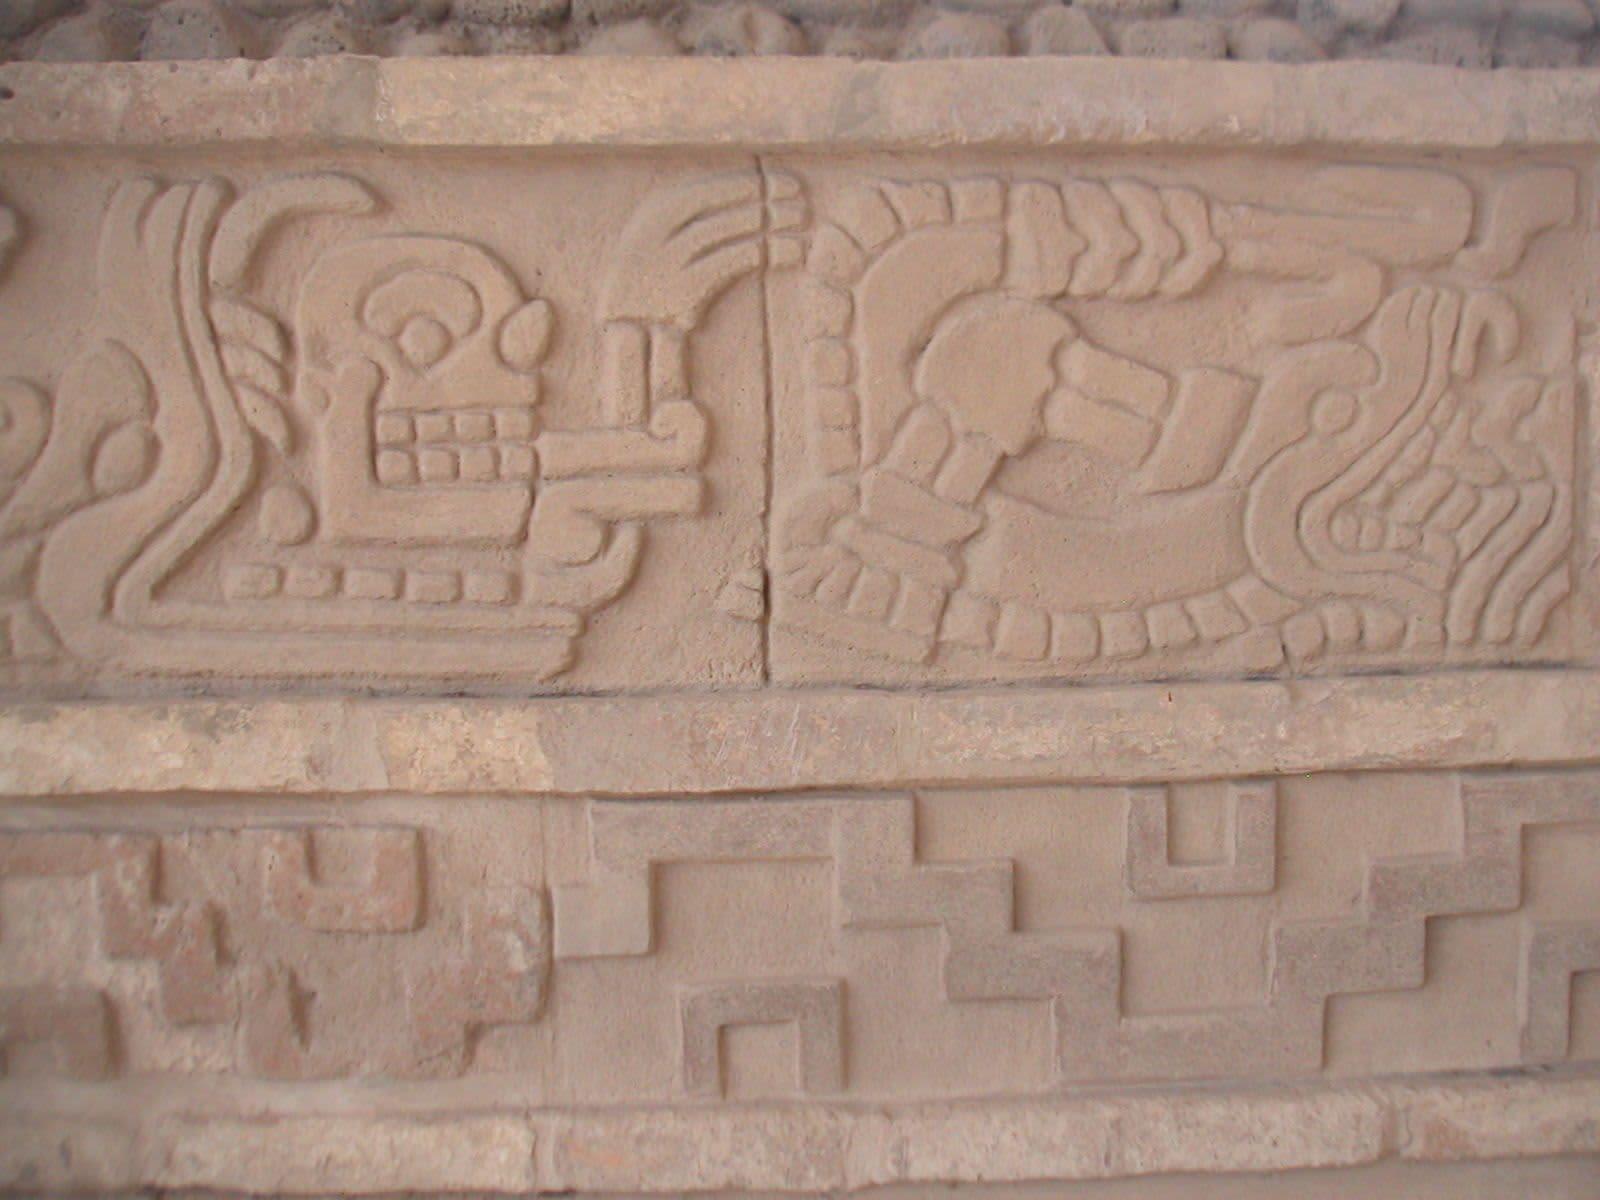 Las 7 Características de los Toltecas: El Pueblo de Constructores